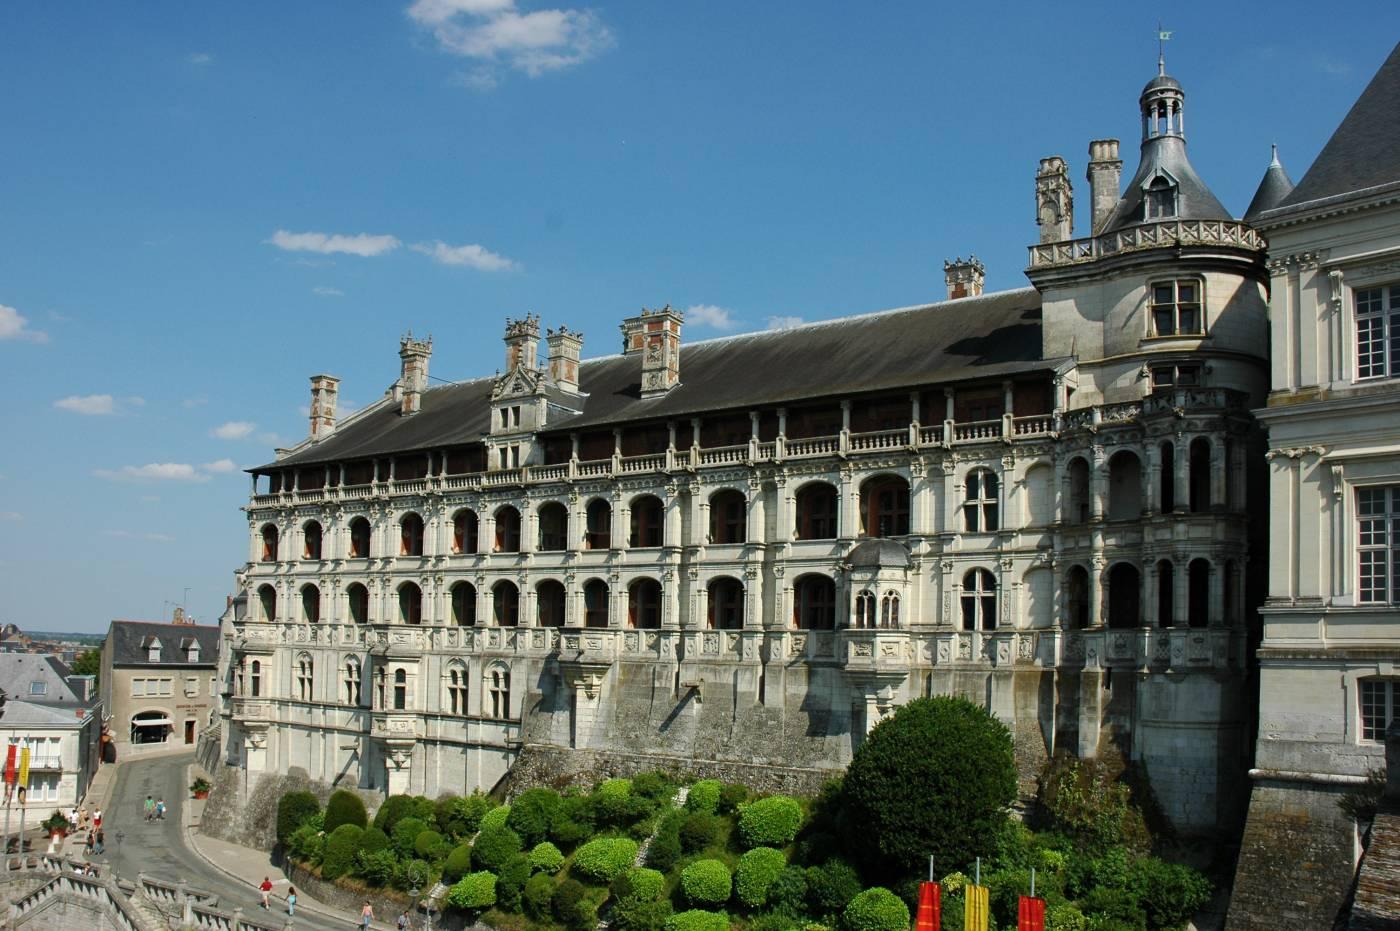 Visiter Blois - Château de Blois (façade)